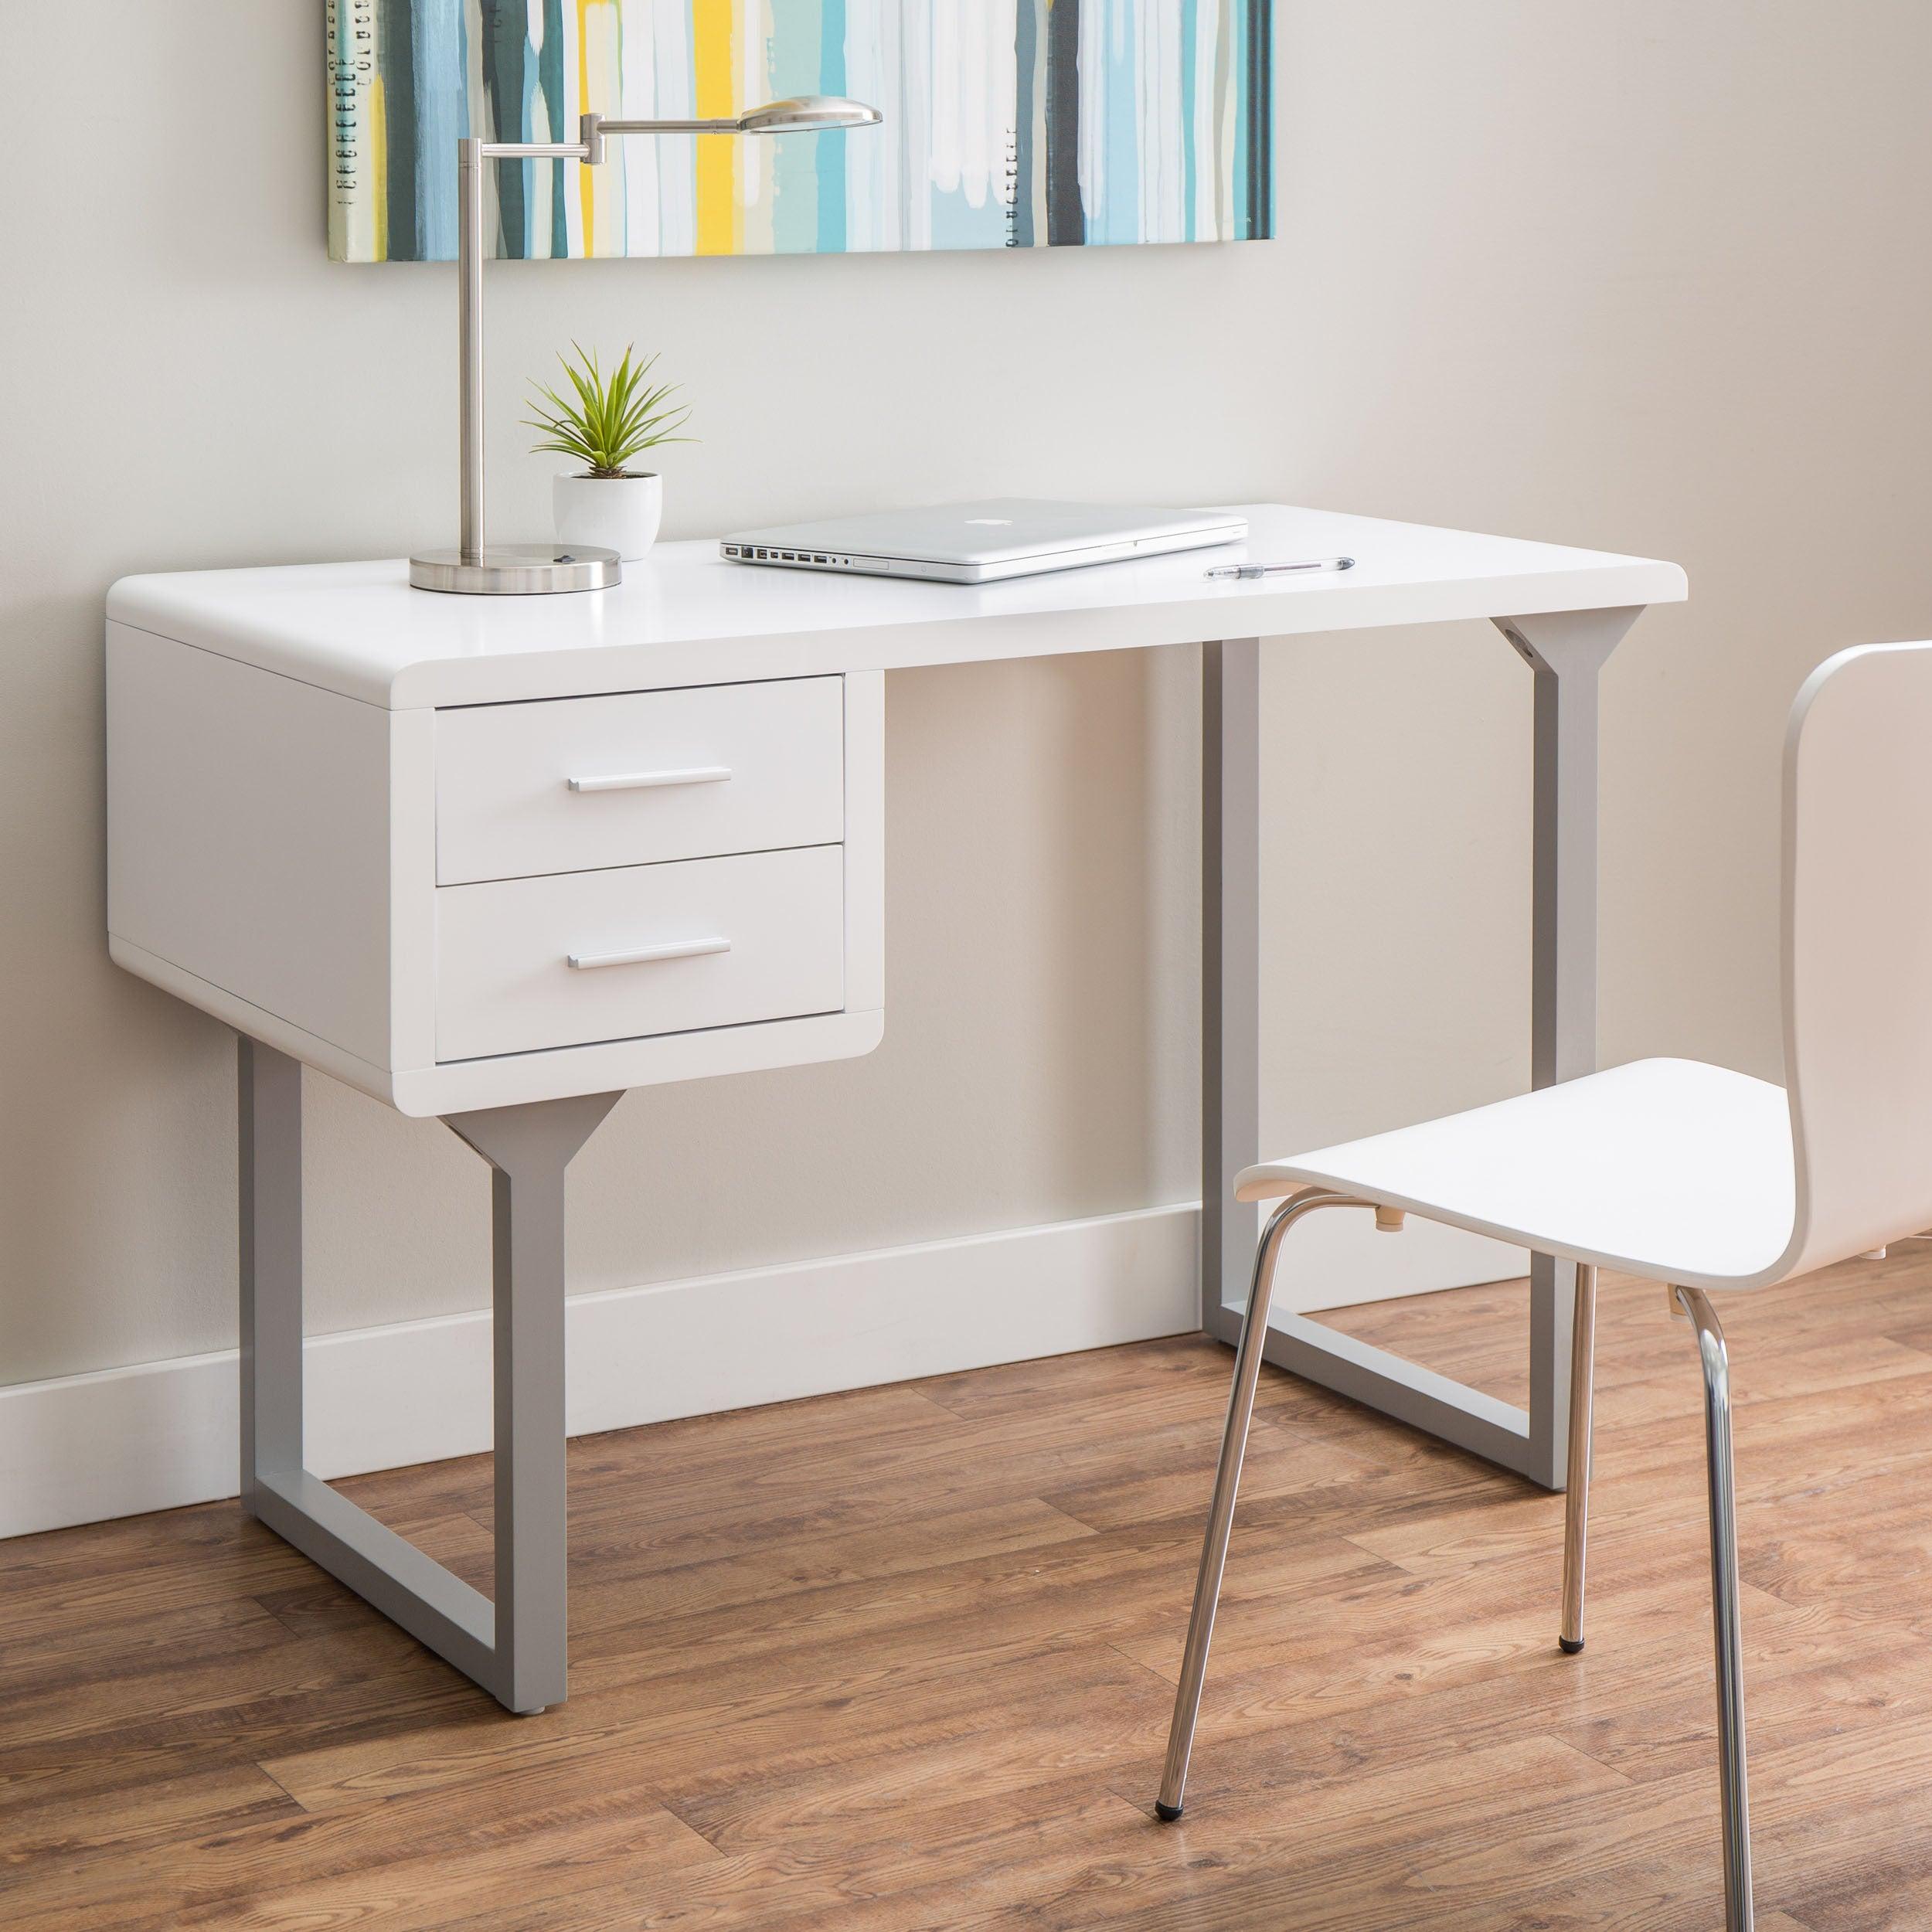 Buy Bedroom Desks U0026 Computer Tables Online At Overstock.com | Our Best Home  Office Furniture Deals